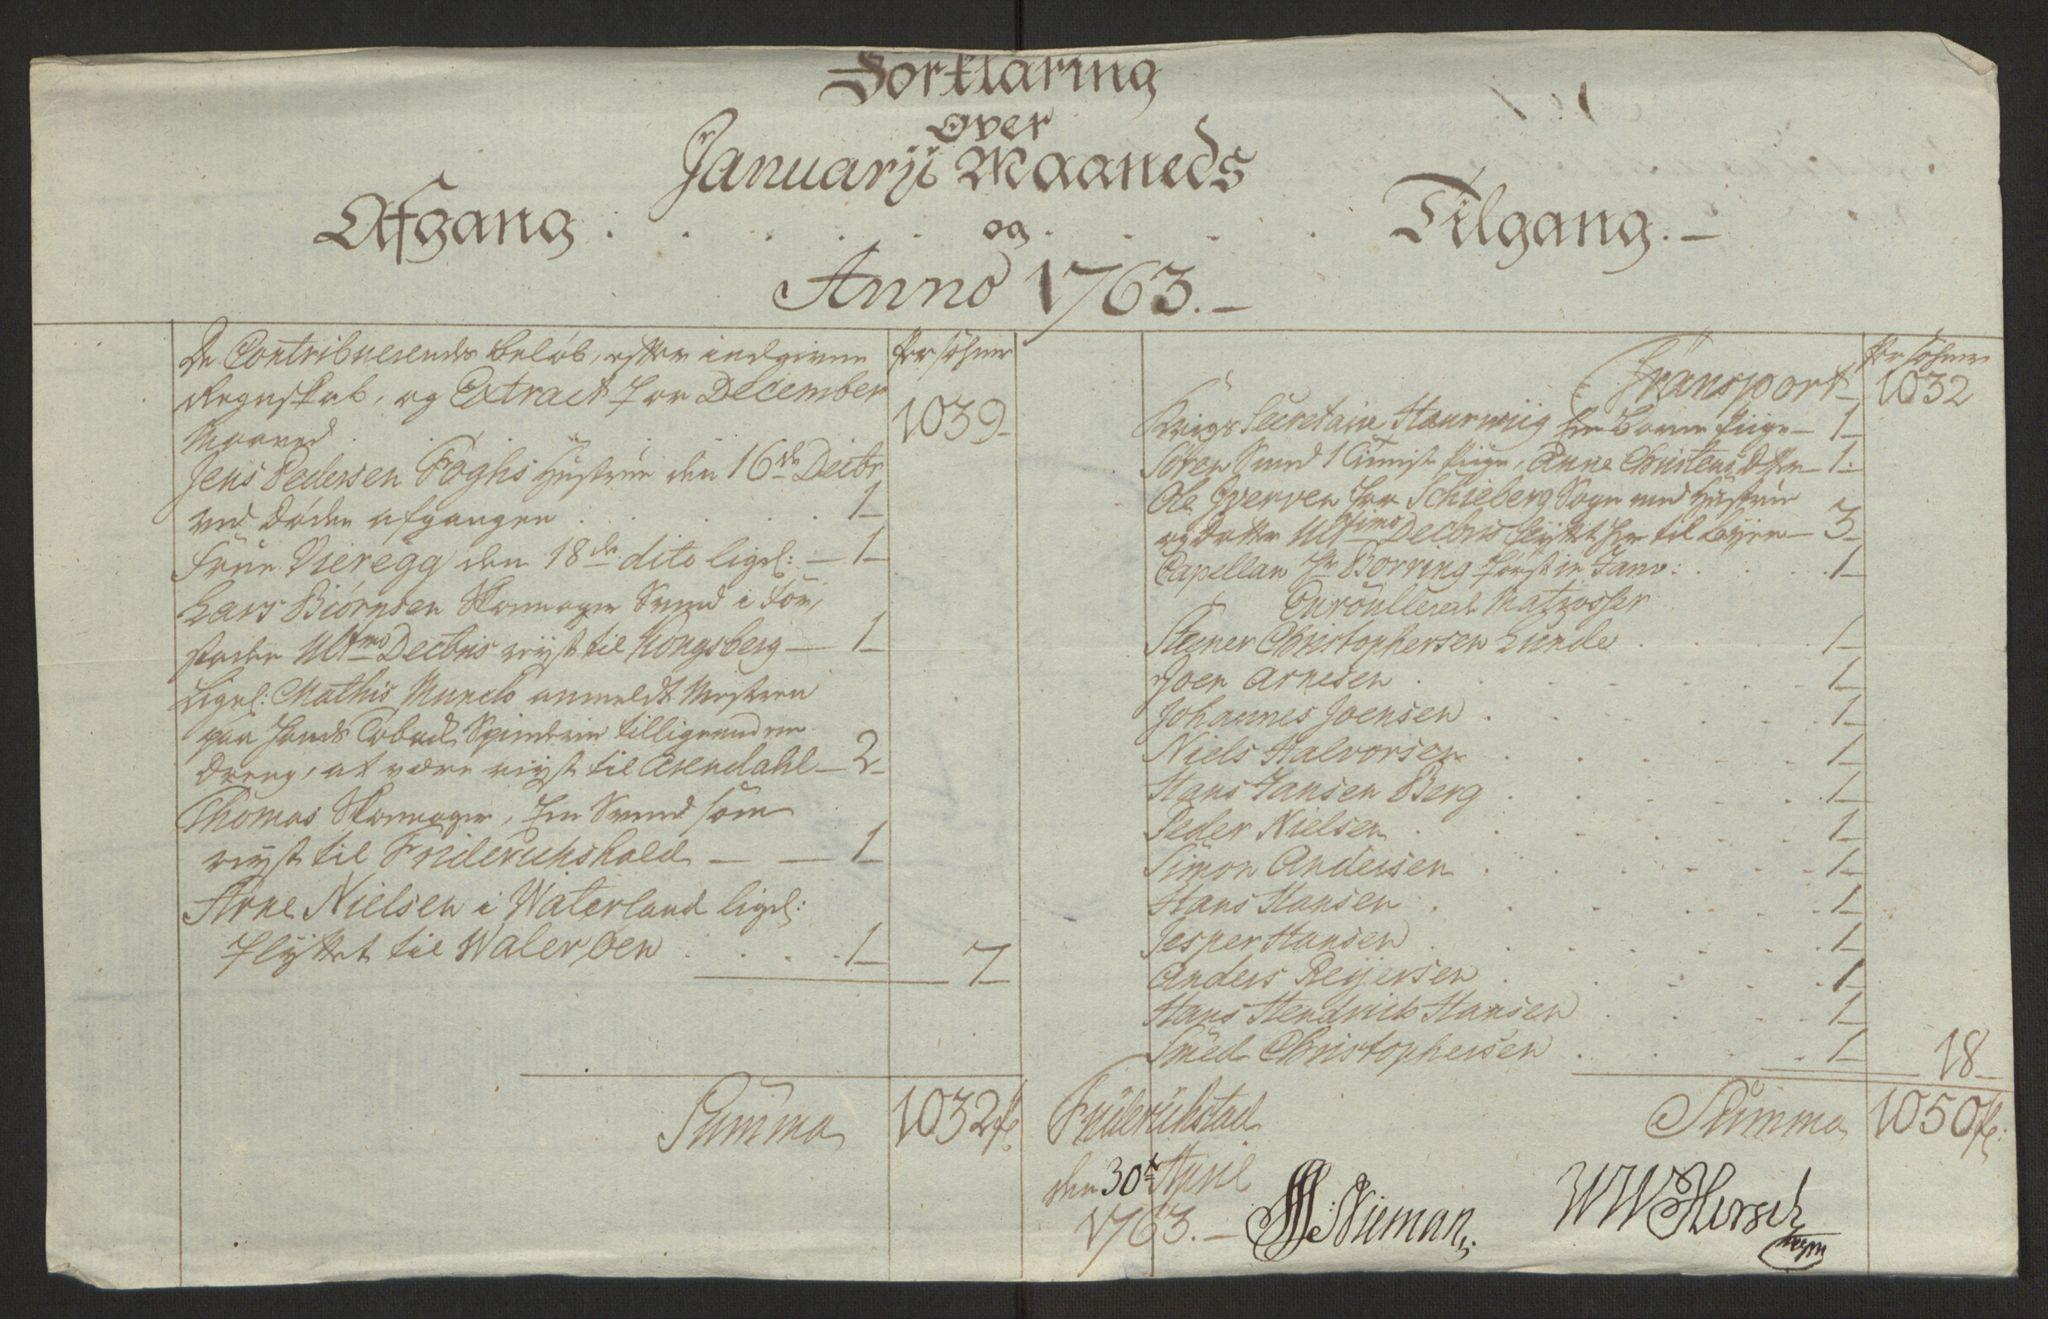 RA, Rentekammeret inntil 1814, Reviderte regnskaper, Byregnskaper, R/Rb/L0029: [B3] Kontribusjonsregnskap, 1762-1772, s. 76